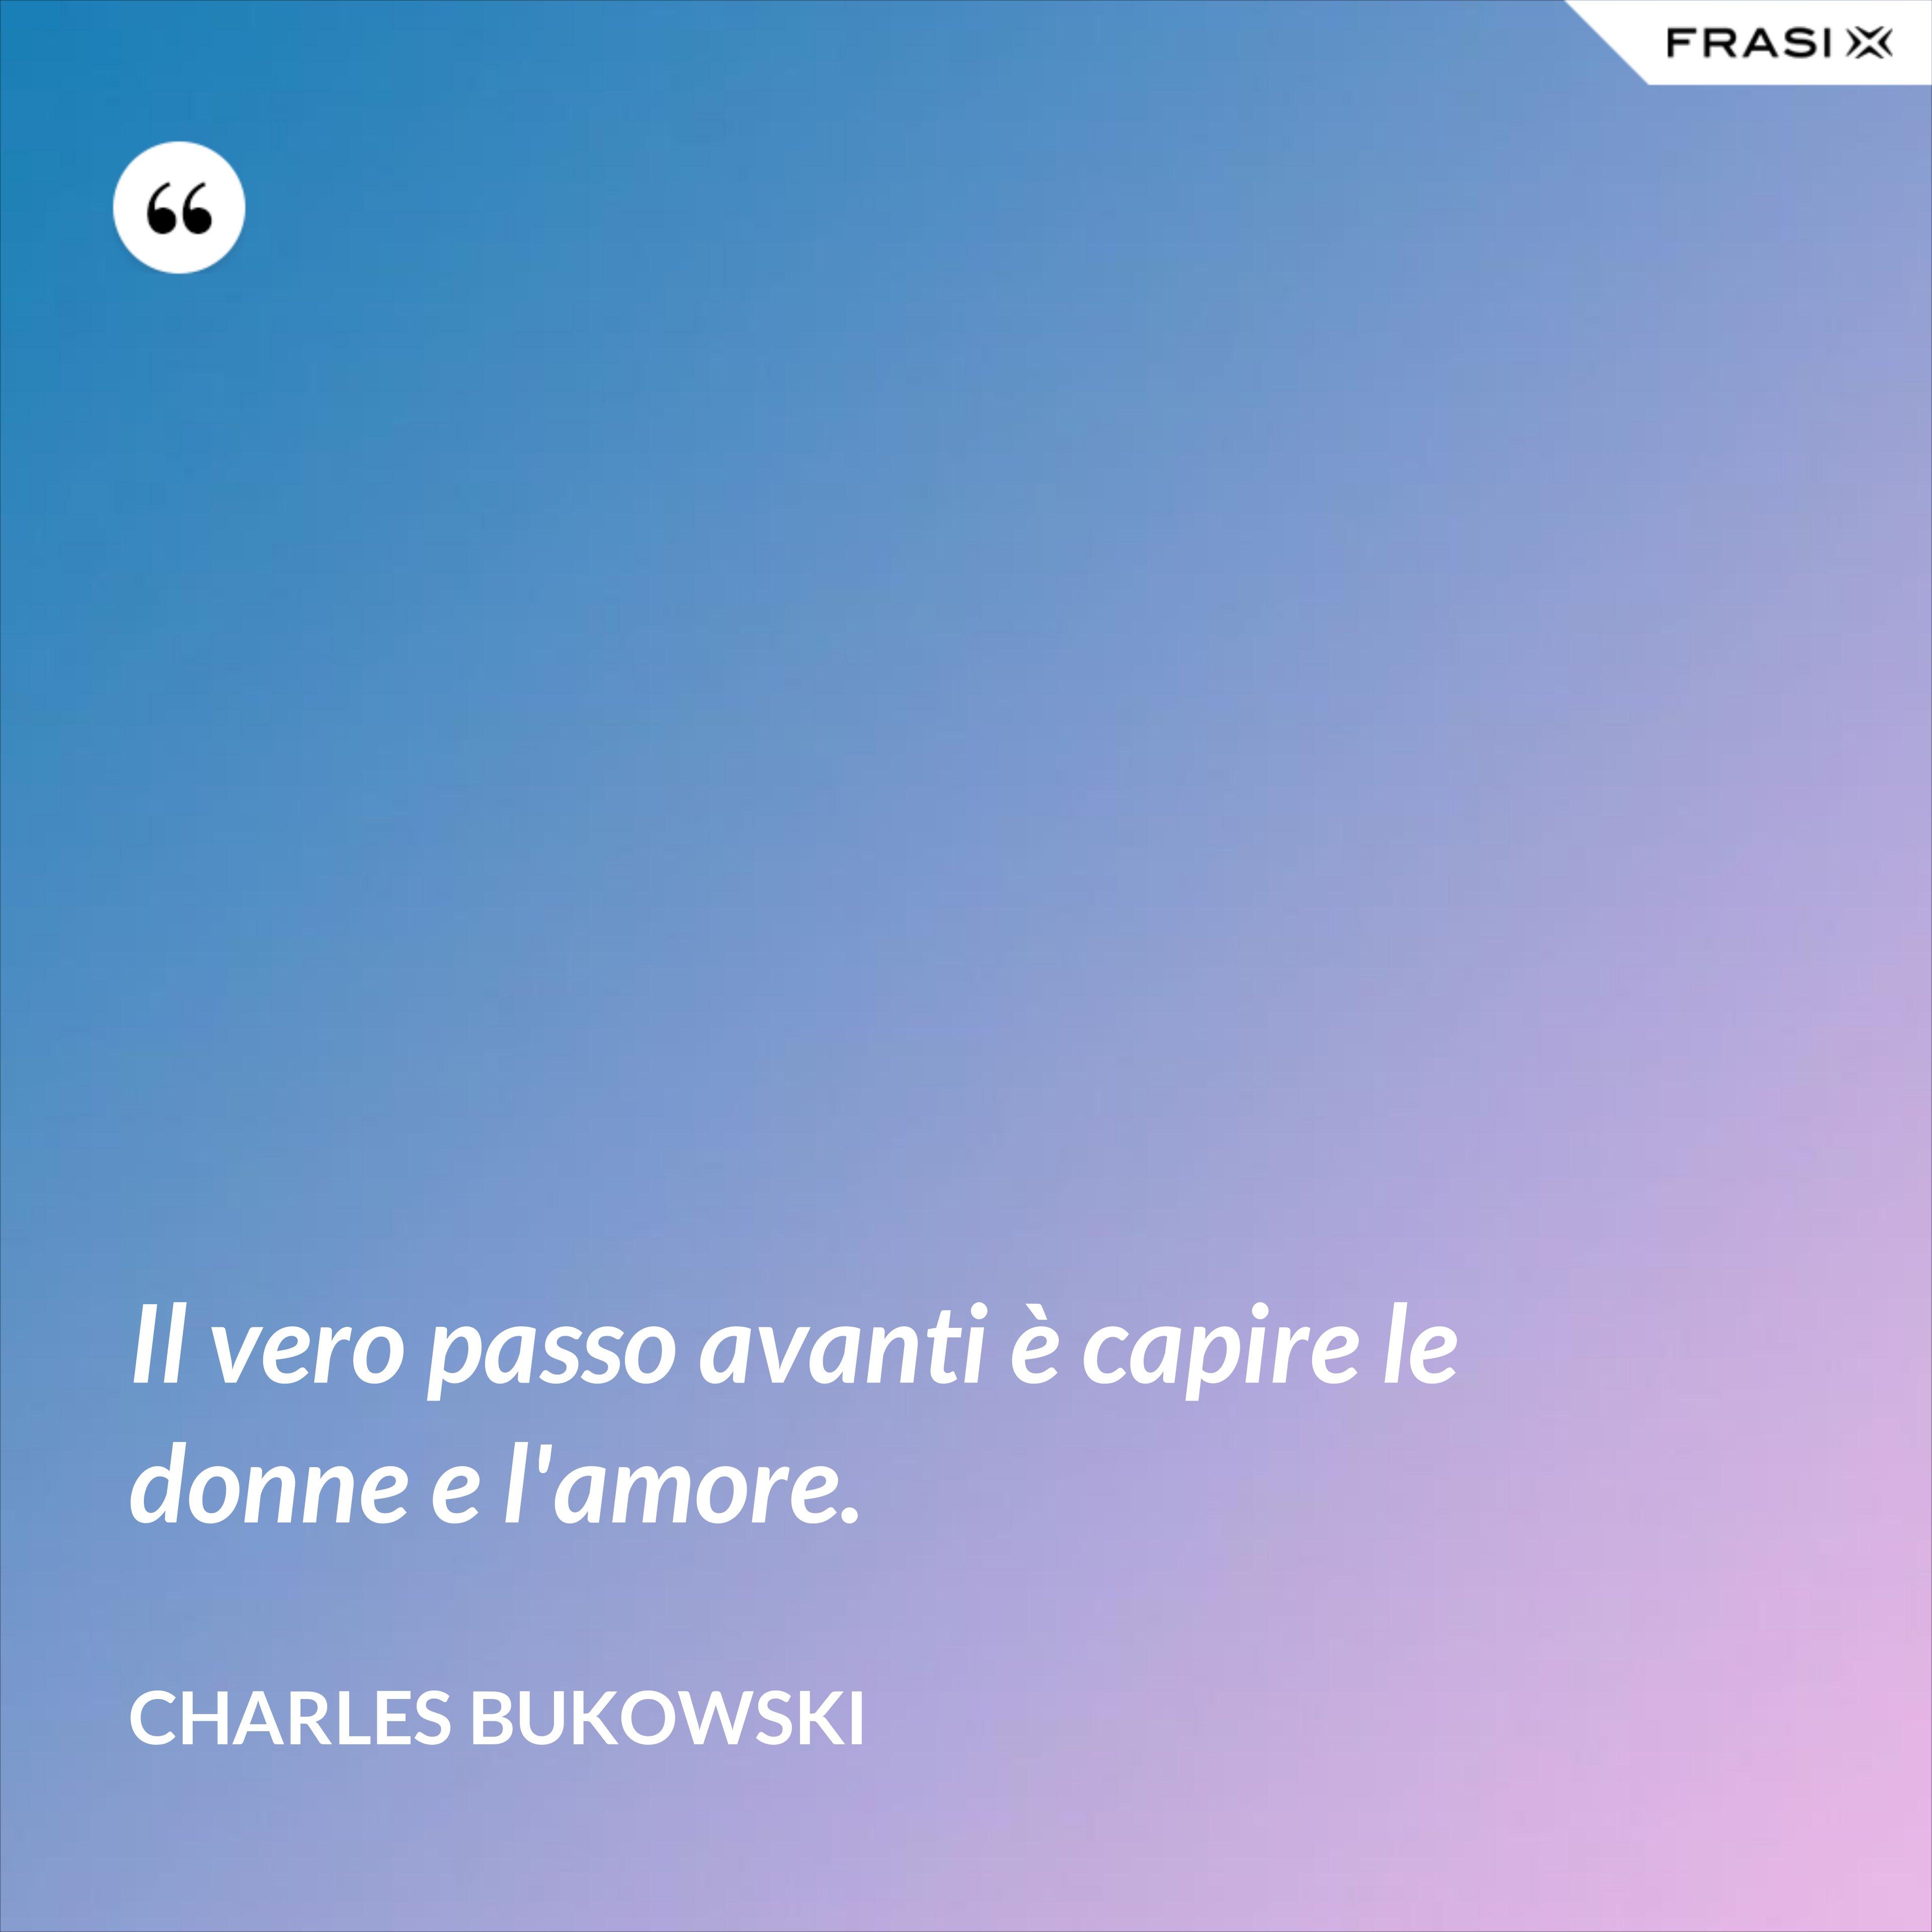 Il vero passo avanti è capire le donne e l'amore. - Charles Bukowski